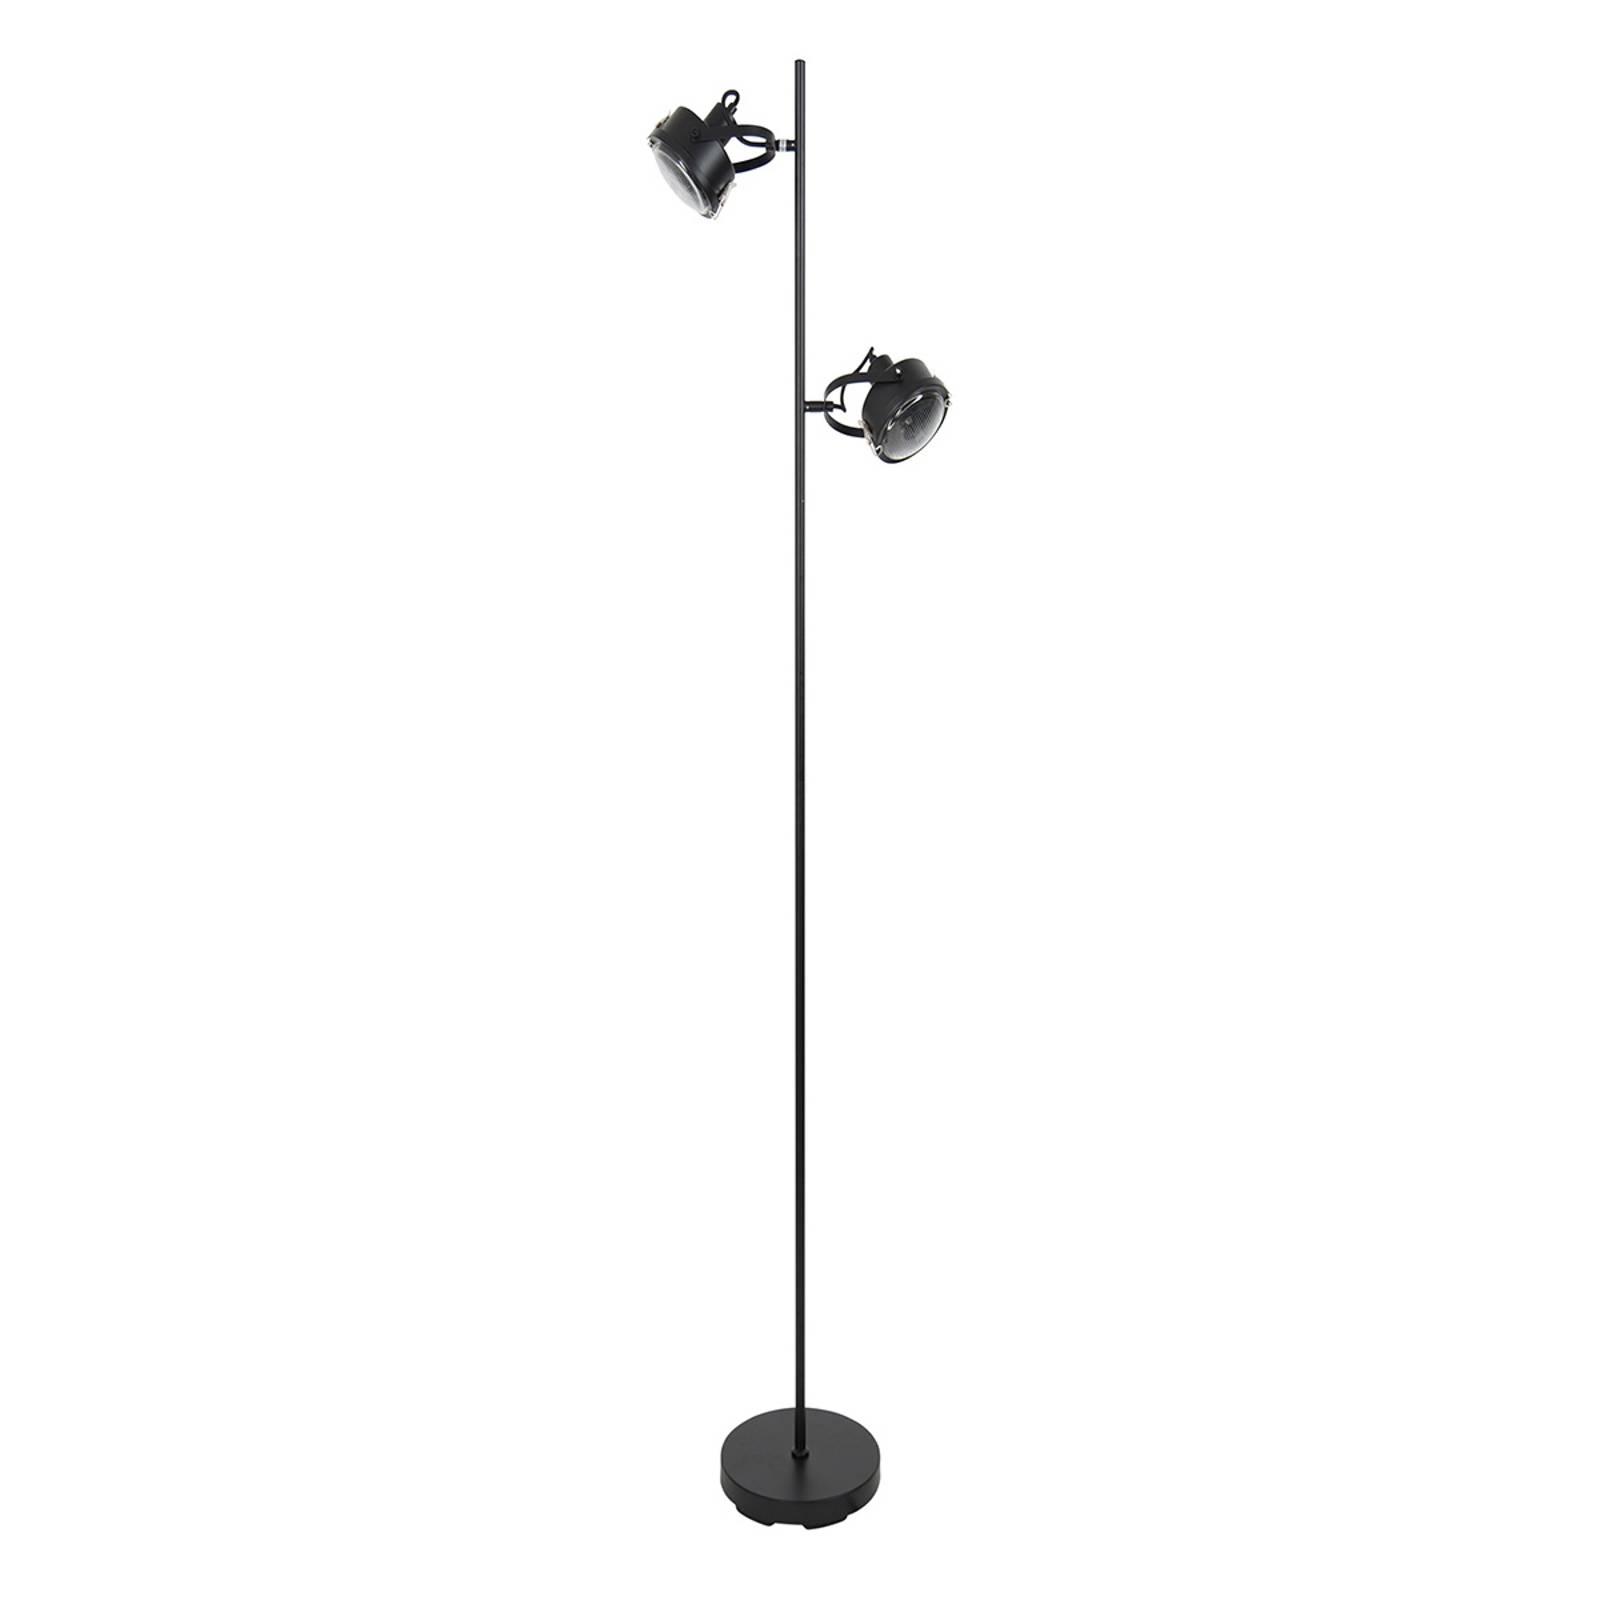 Kaksilamppuinen lattiavalaisin Satellite, musta